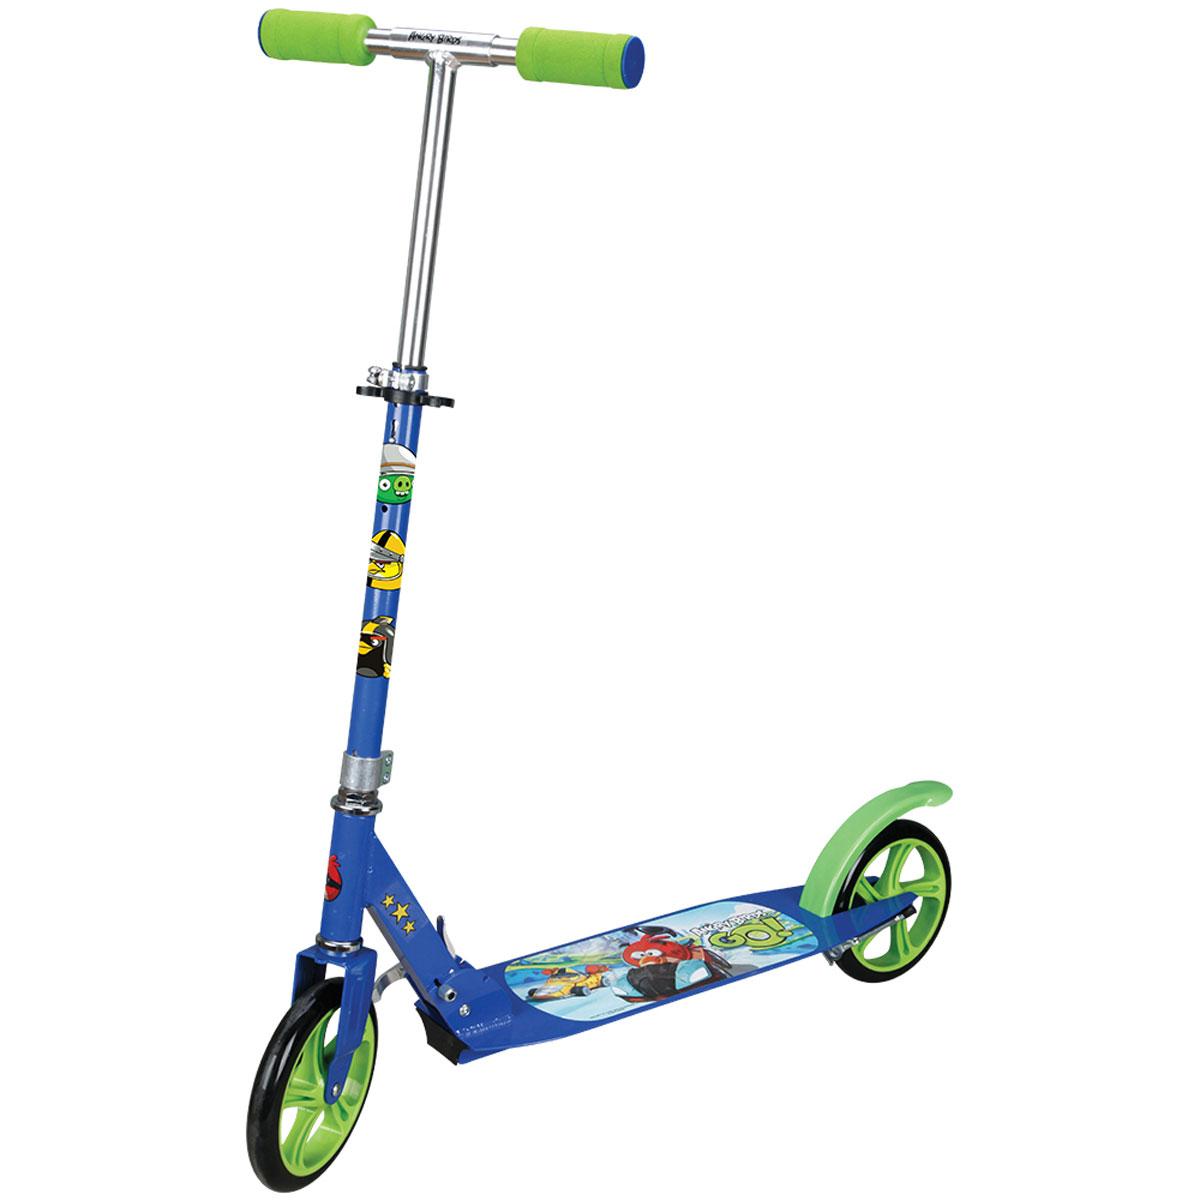 Navigator Самокат детский двухколесный Angry Birds Go цвет синий зеленый navigator самокат двуколесный цвет черный оранжевый